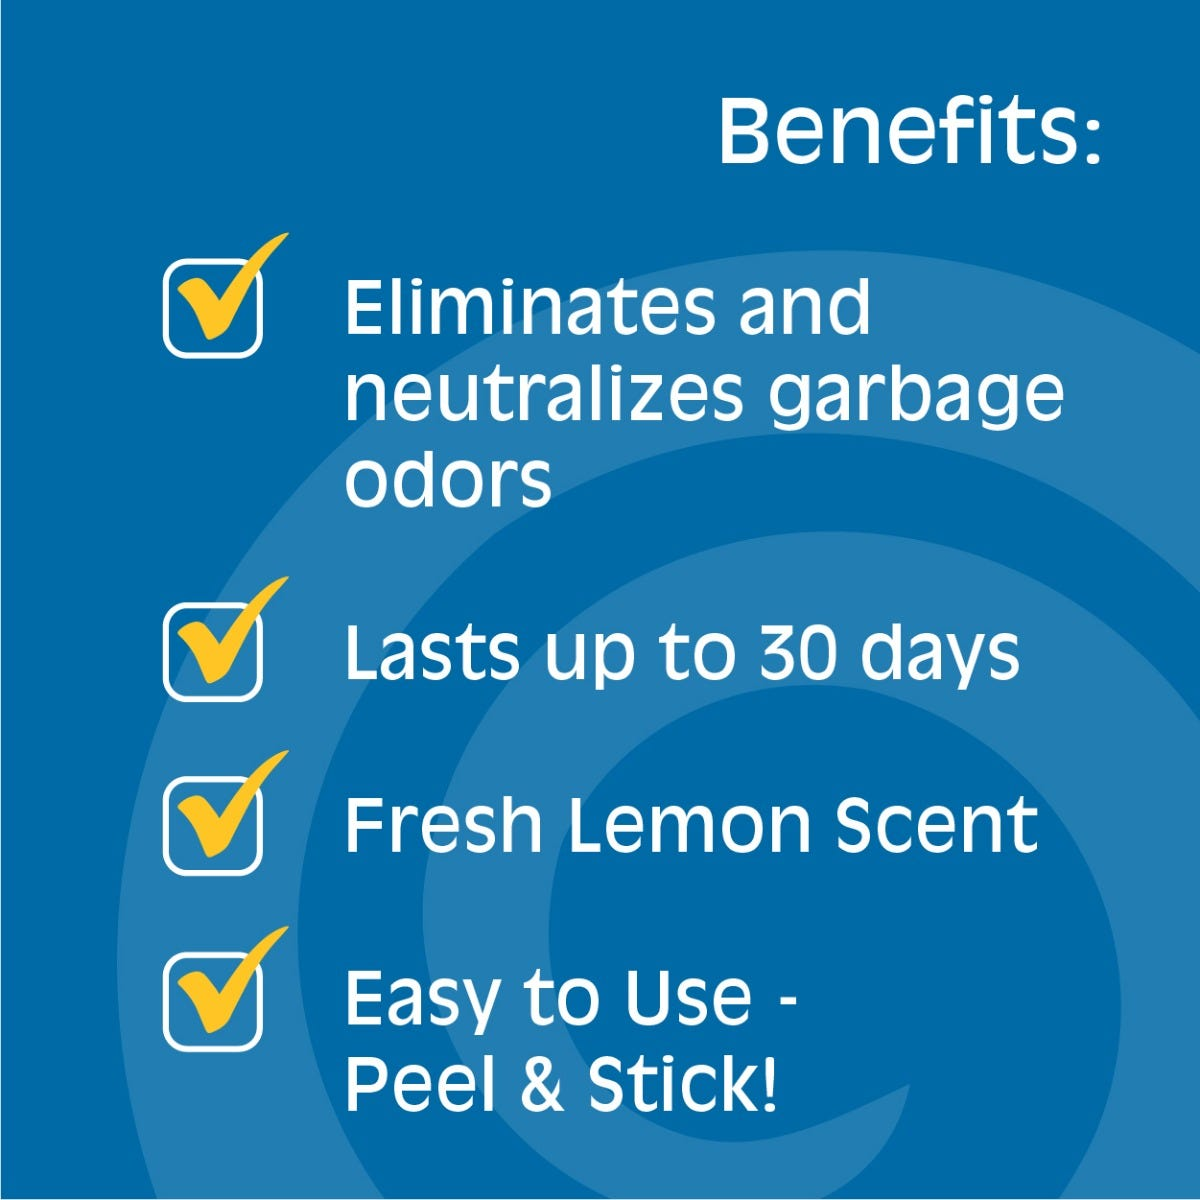 Benefits of garbage odor eliminator